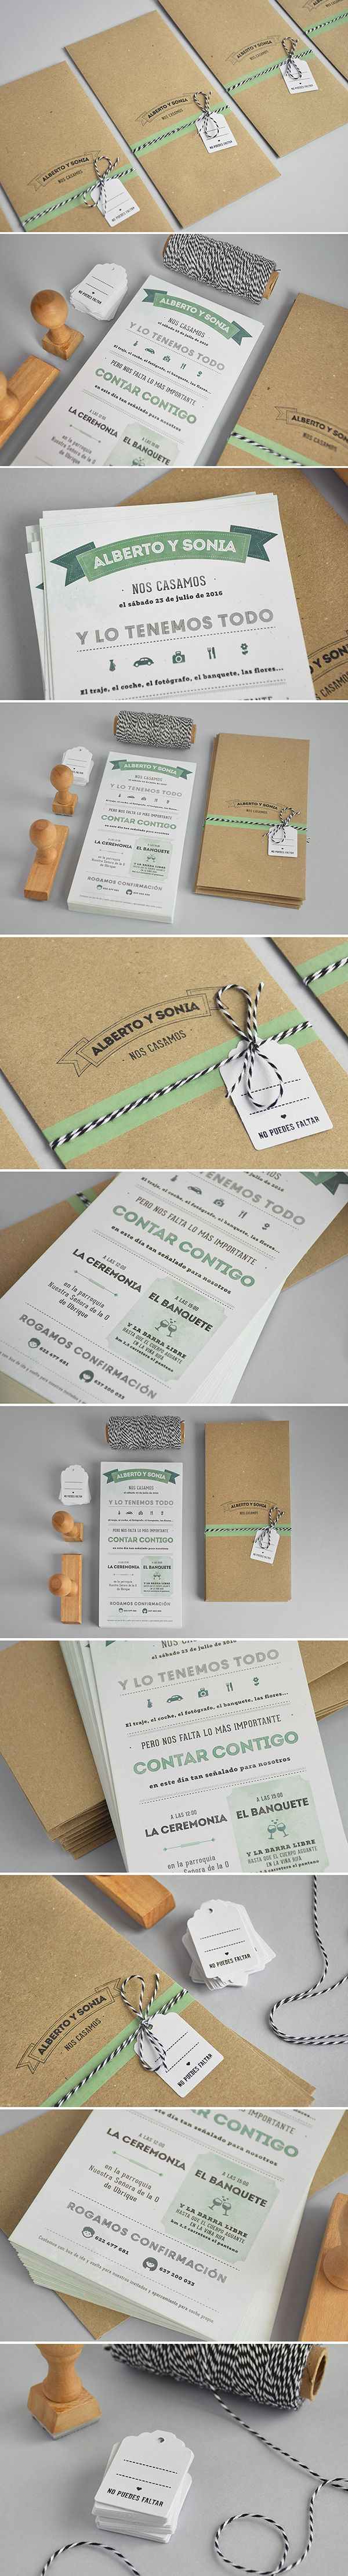 Diseño De Invitaciones De Boda Con Acabados Hechos A Mano